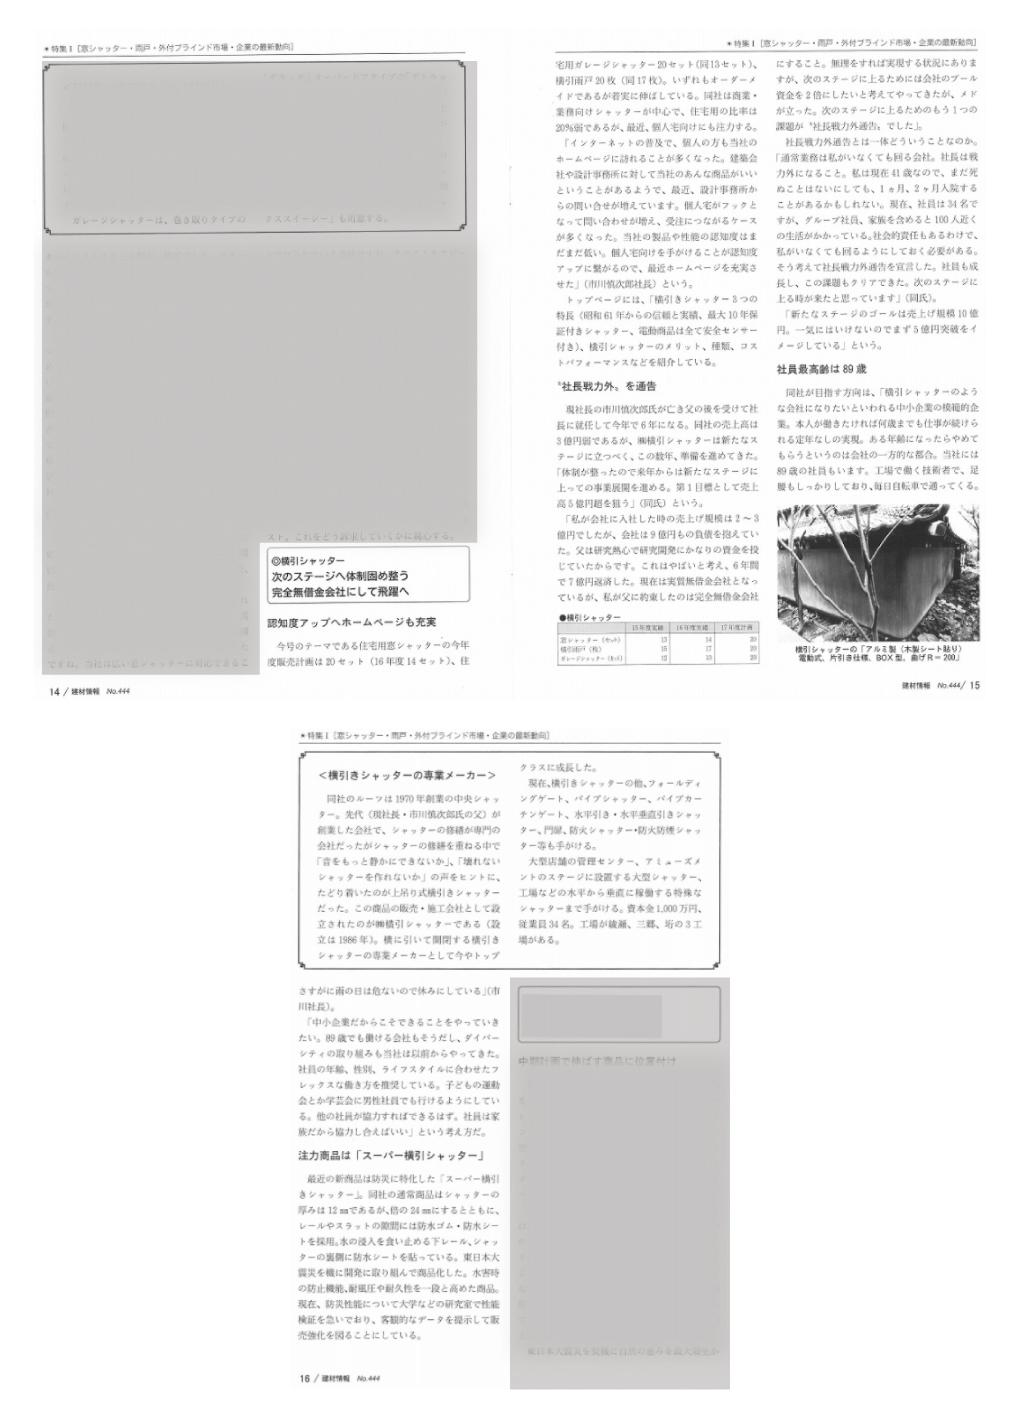 201712建材情報